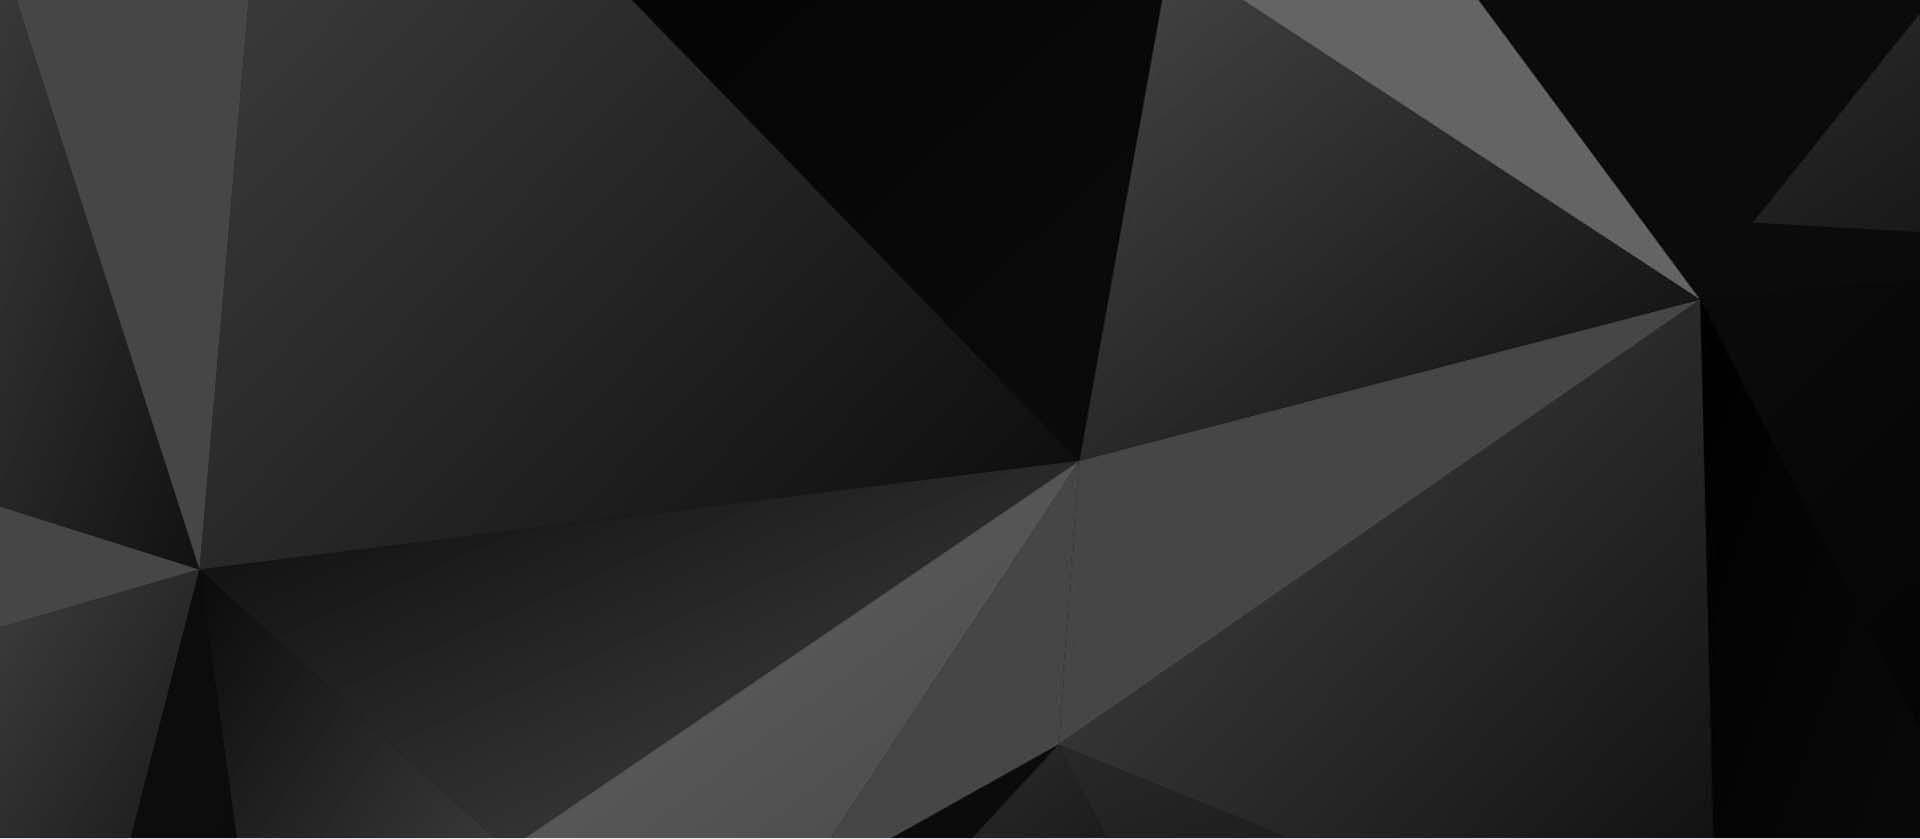 Patrón Diseño Fondos De Pantalla Textura Antecedentes: Patrón Diseño Fondos De Pantalla Graphic Antecedentes